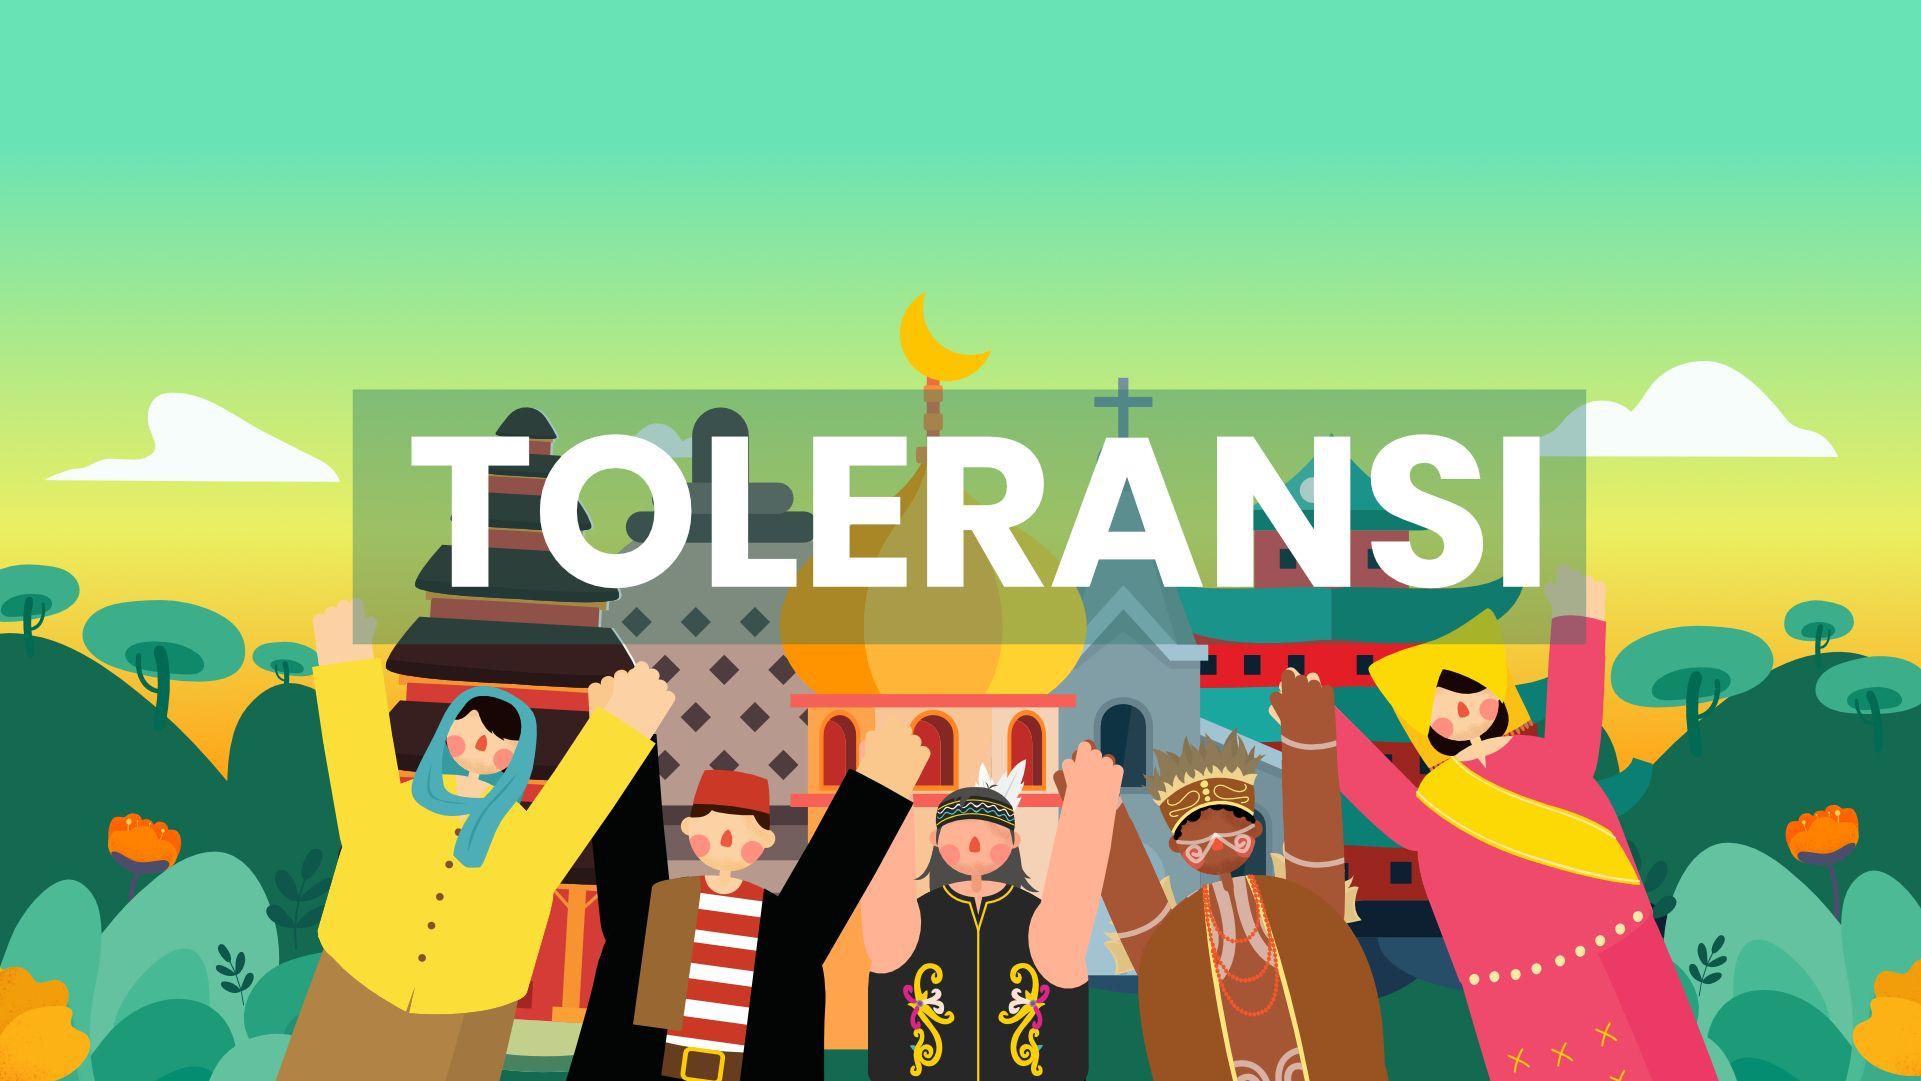 Kader Generasi Milenial Golkar DIY Diajak Berpolitik yang humanis dan Toleransi